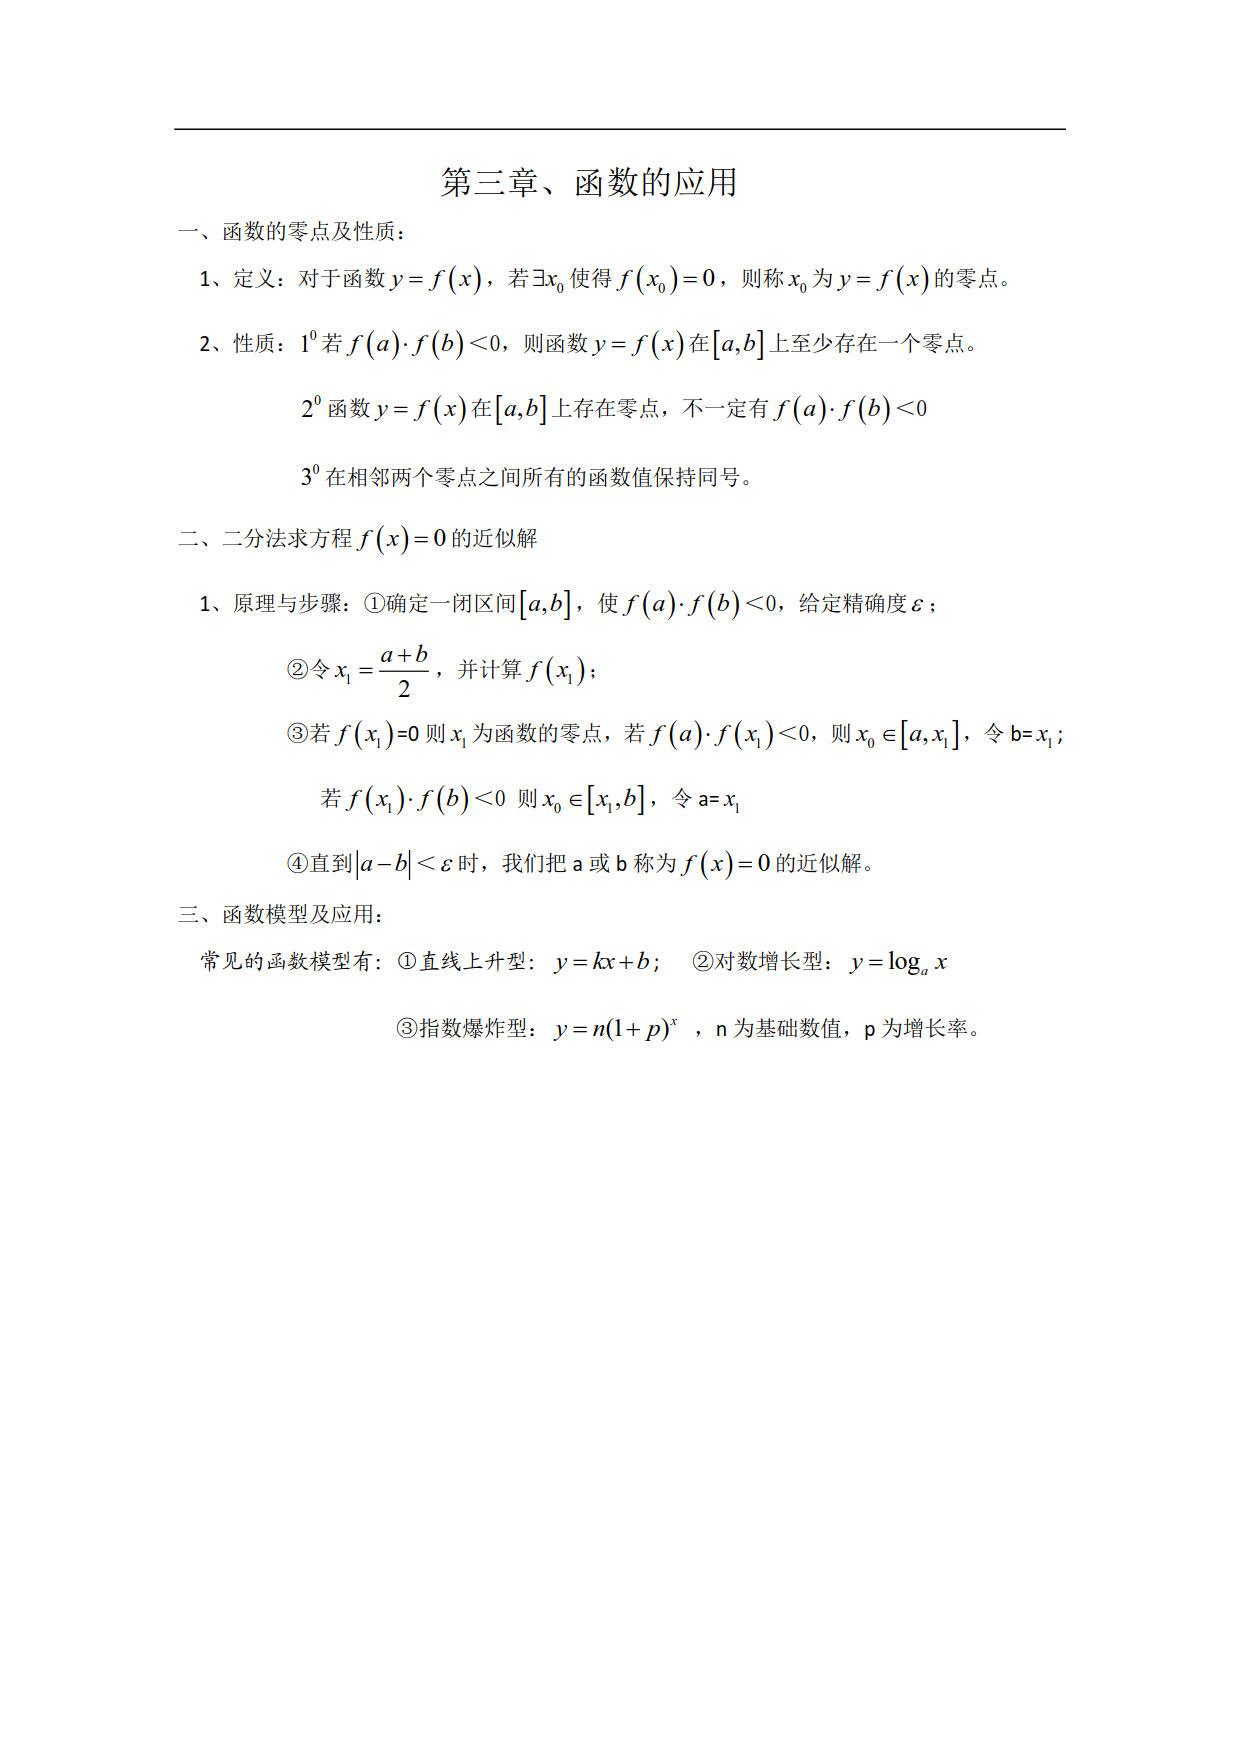 广州高一数学入学上学期学习知识点:函数的应用